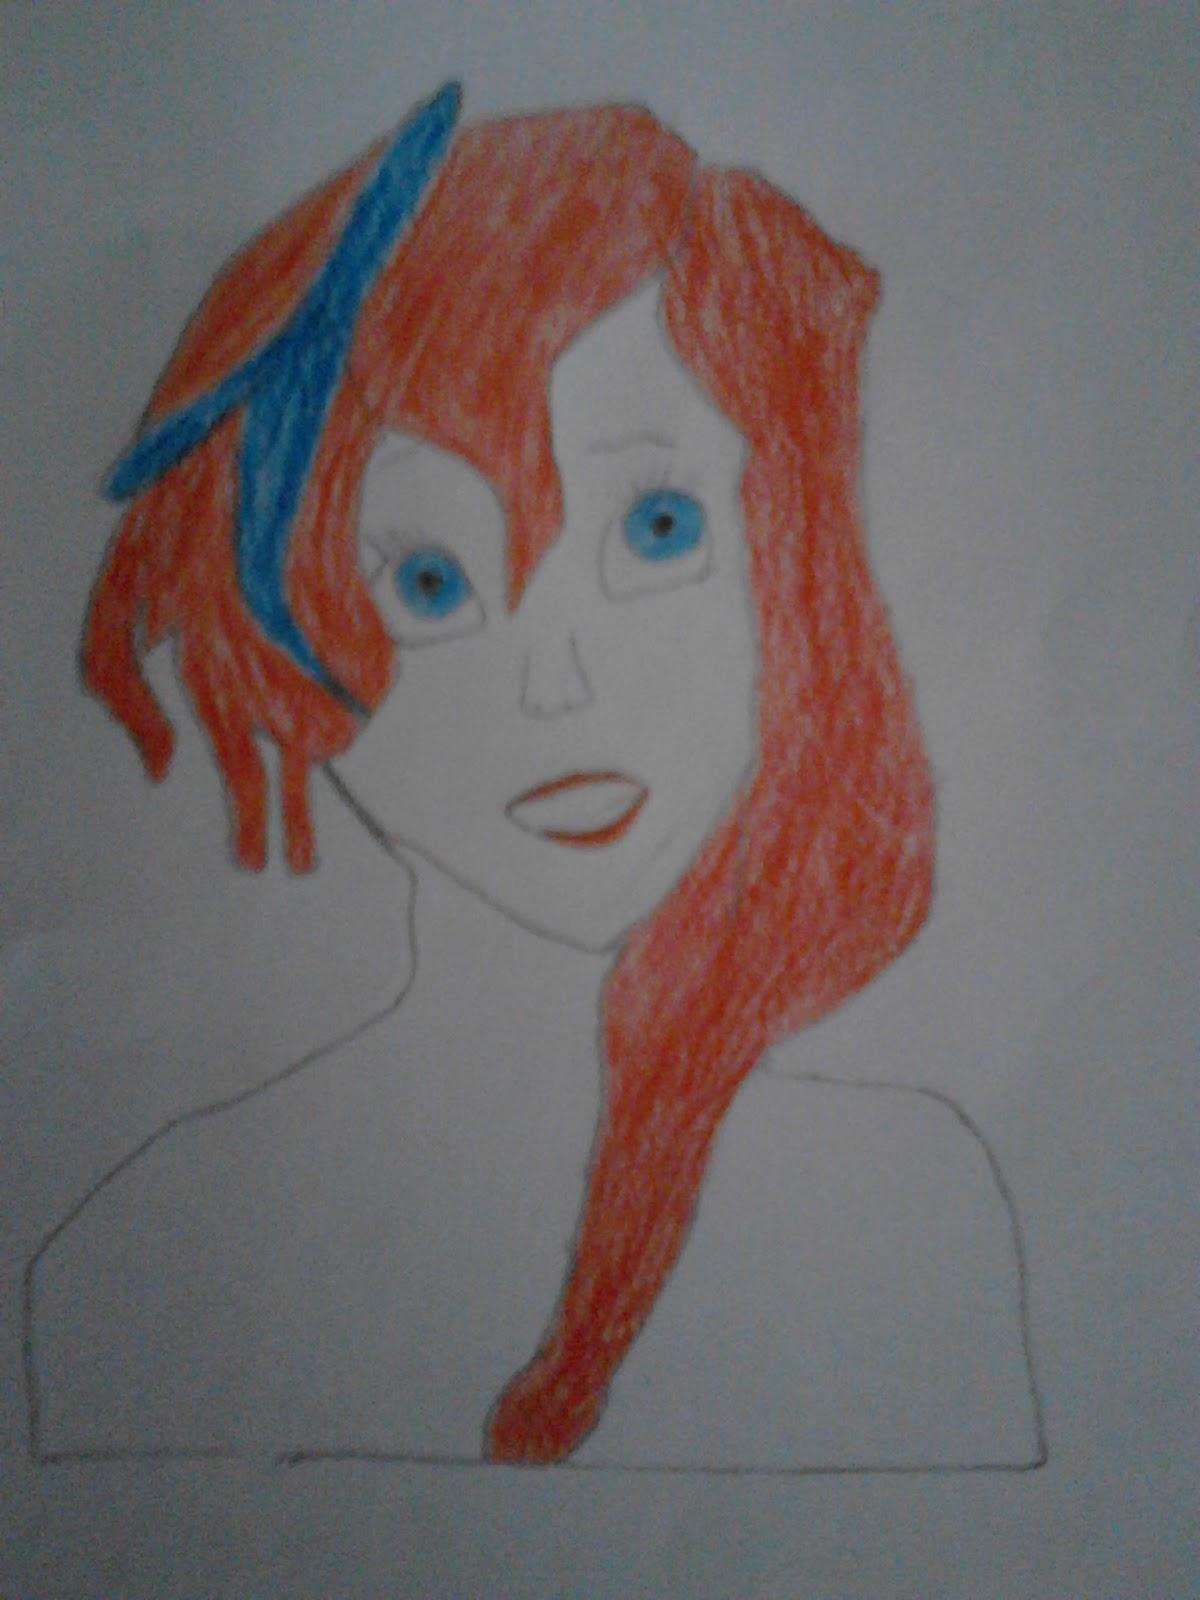 1a7e4171254d Πήρα τα μολύβια μου και ζωγράφισα την...Ariel! Αγαπημένη μου μαζί με την  Αλίνη στην Χώρα των Θαυμάτων και την boo. Αυτές θα τις ζωγραφίσω άλλη φορά.